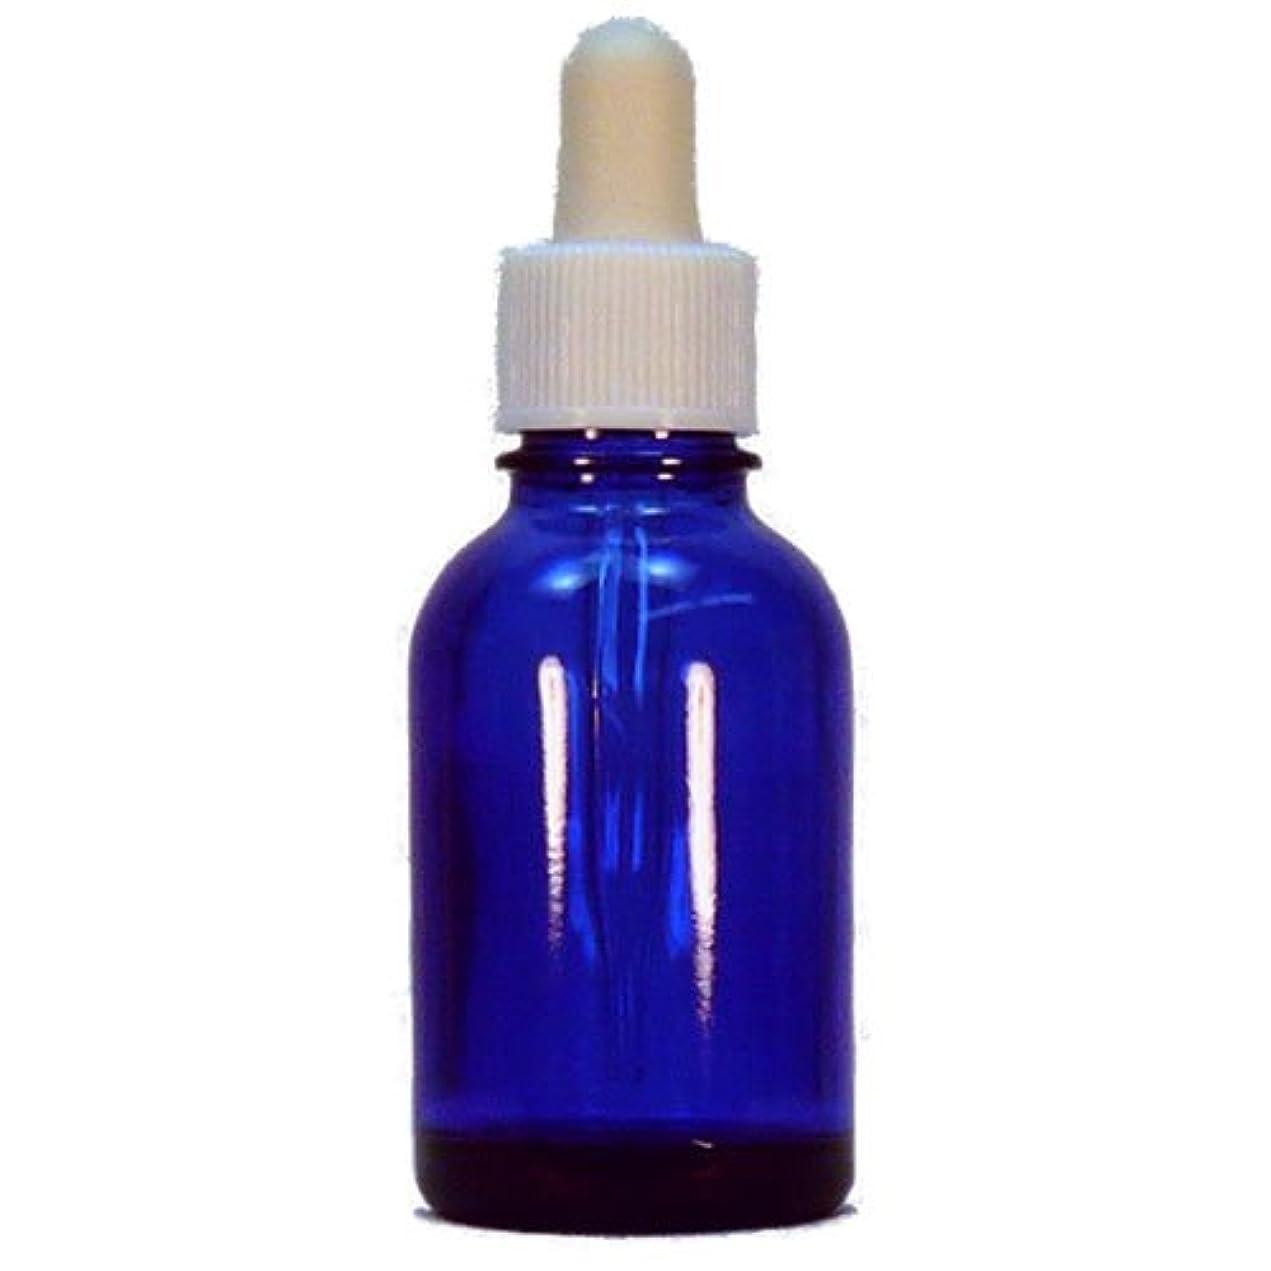 キノコシーフードみミキシングボトル ブルー 30ml